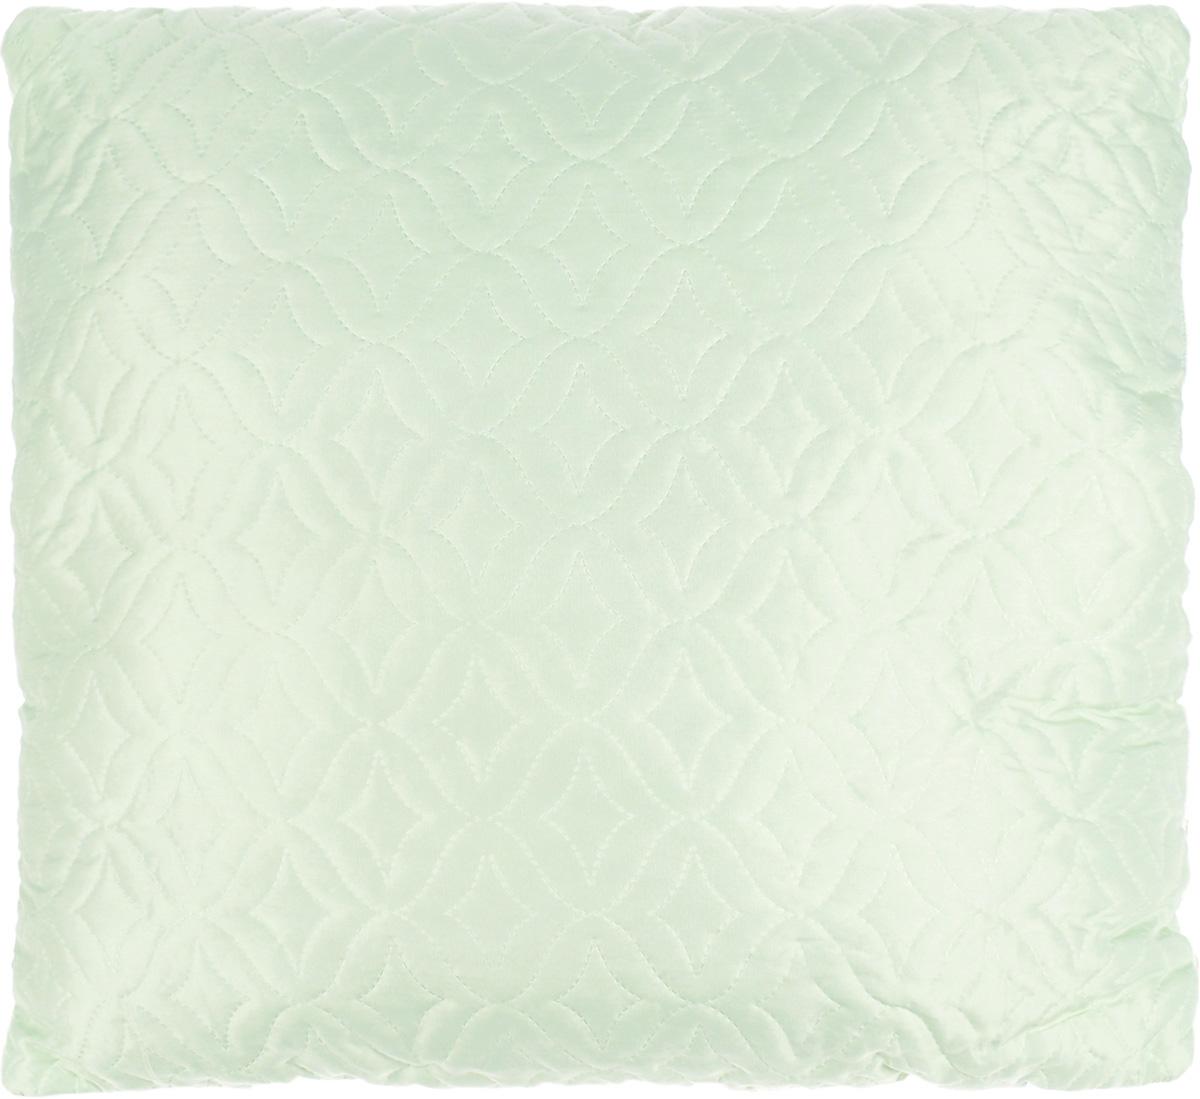 Подушка Mona Liza, наполнитель: бамбуковое волокно, цвет: светло-зеленый, 70 х 70 см. 539421539421_зеленыйПодушка Mona Liza подарит вам незабываемое чувство комфорта и умиротворения. Чехол выполнен из поликоттона, украшен фигурной стежкой и кантом по краю. В качестве наполнителя используется термополотно из бамбукового волокна, которое производится из особого сорта бамбука, растущего исключительно в чистых и незагрязненных горных областях. Натуральные, экологически чистые бамбуковые волокна обладают необыкновенными свойствами: экологичность, износостойкость, гипоаллергенность, гигроскопичность, антибактериальность. Микропористая структура волокон препятствует накоплению пыли и образованию запахов. Изделия из бамбукового волокна дышат и прекрасно впитывают и испаряют влагу. От природы бамбук обладает мощным дезодорирующим и антибактериальным эффектом. В бамбуковых подушках и одеялах не заводятся пылевые клещи. Изделия из волокна бамбука прекрасно подходят людям, страдающим аллергией и астмой. Они прочные, долговечные и износостойкие,...